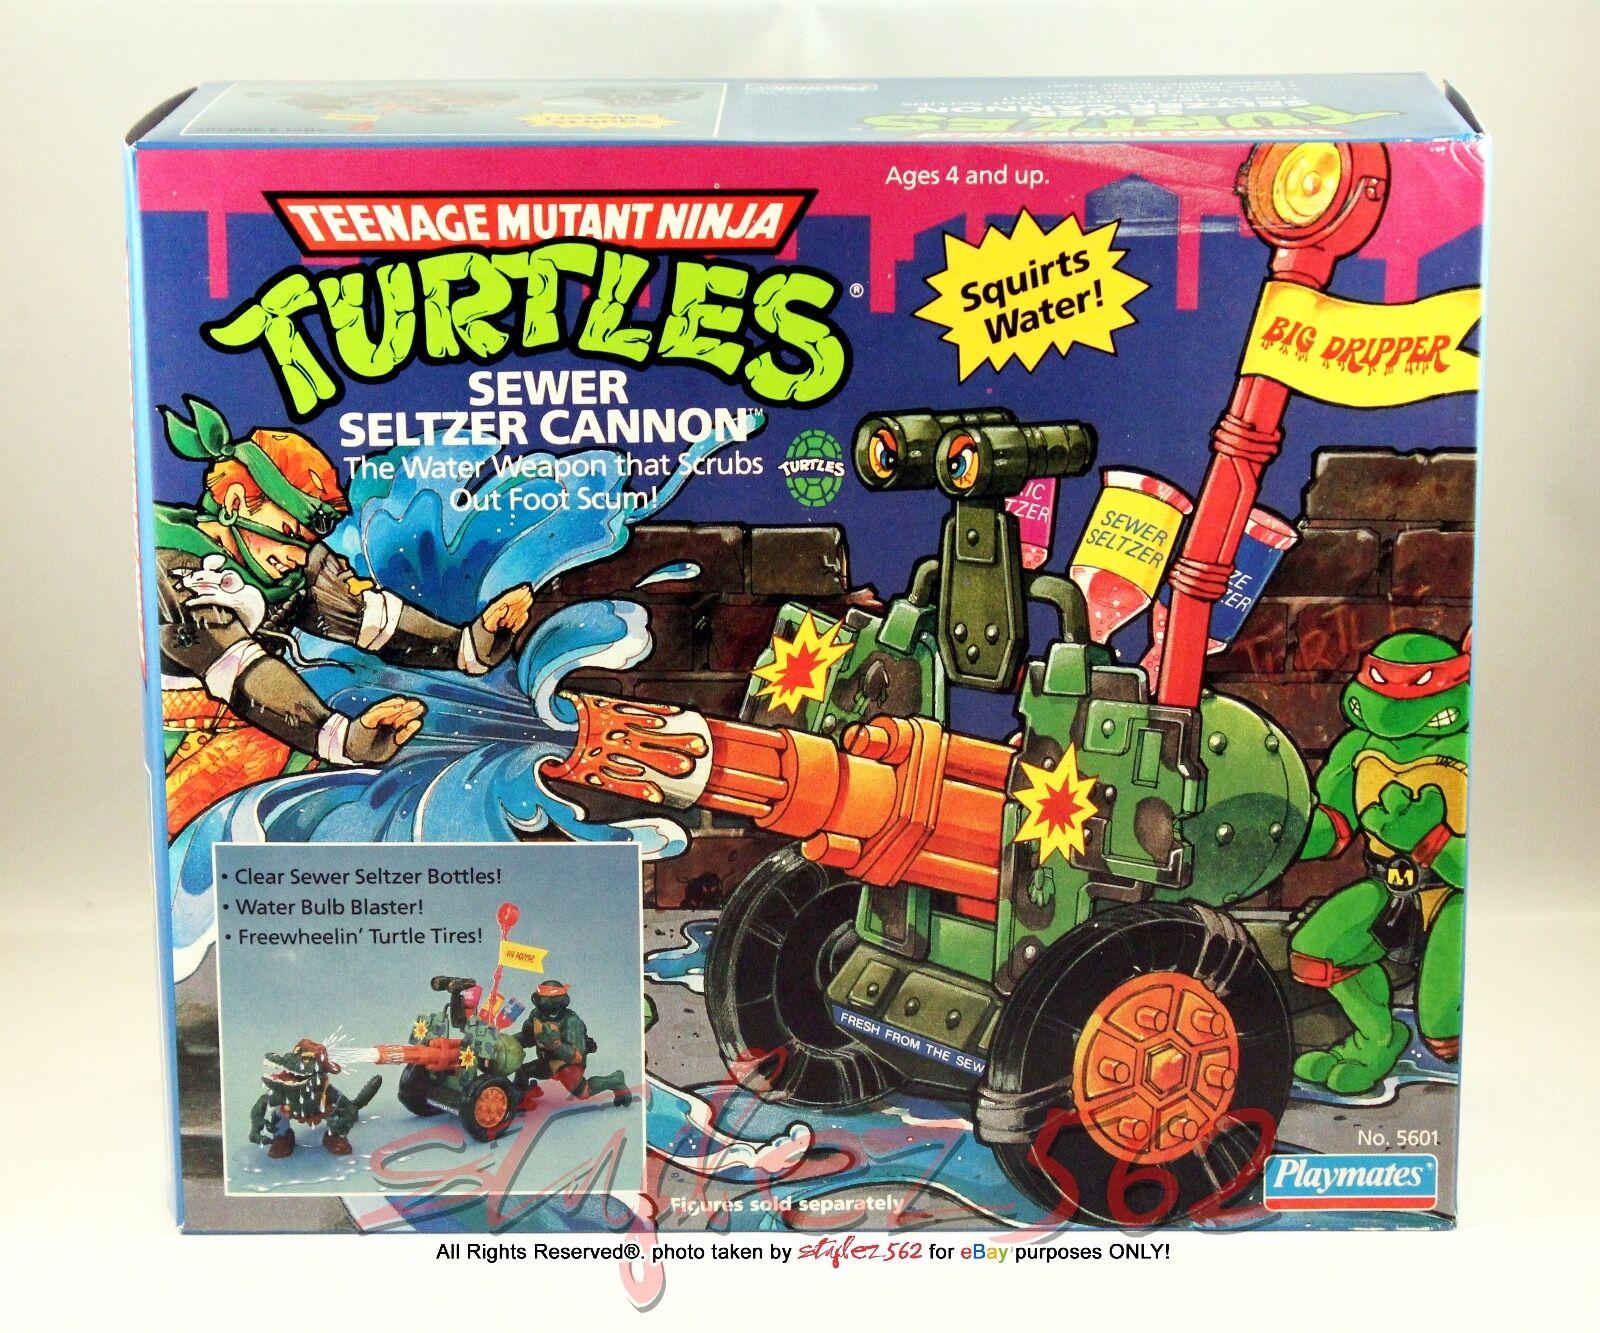 TMNT 1990 Sewer  Seltzer Cannon véhicule, Playmates En parfait état, dans sa boîte  RARE  NOUVEAU  centre commercial de la mode